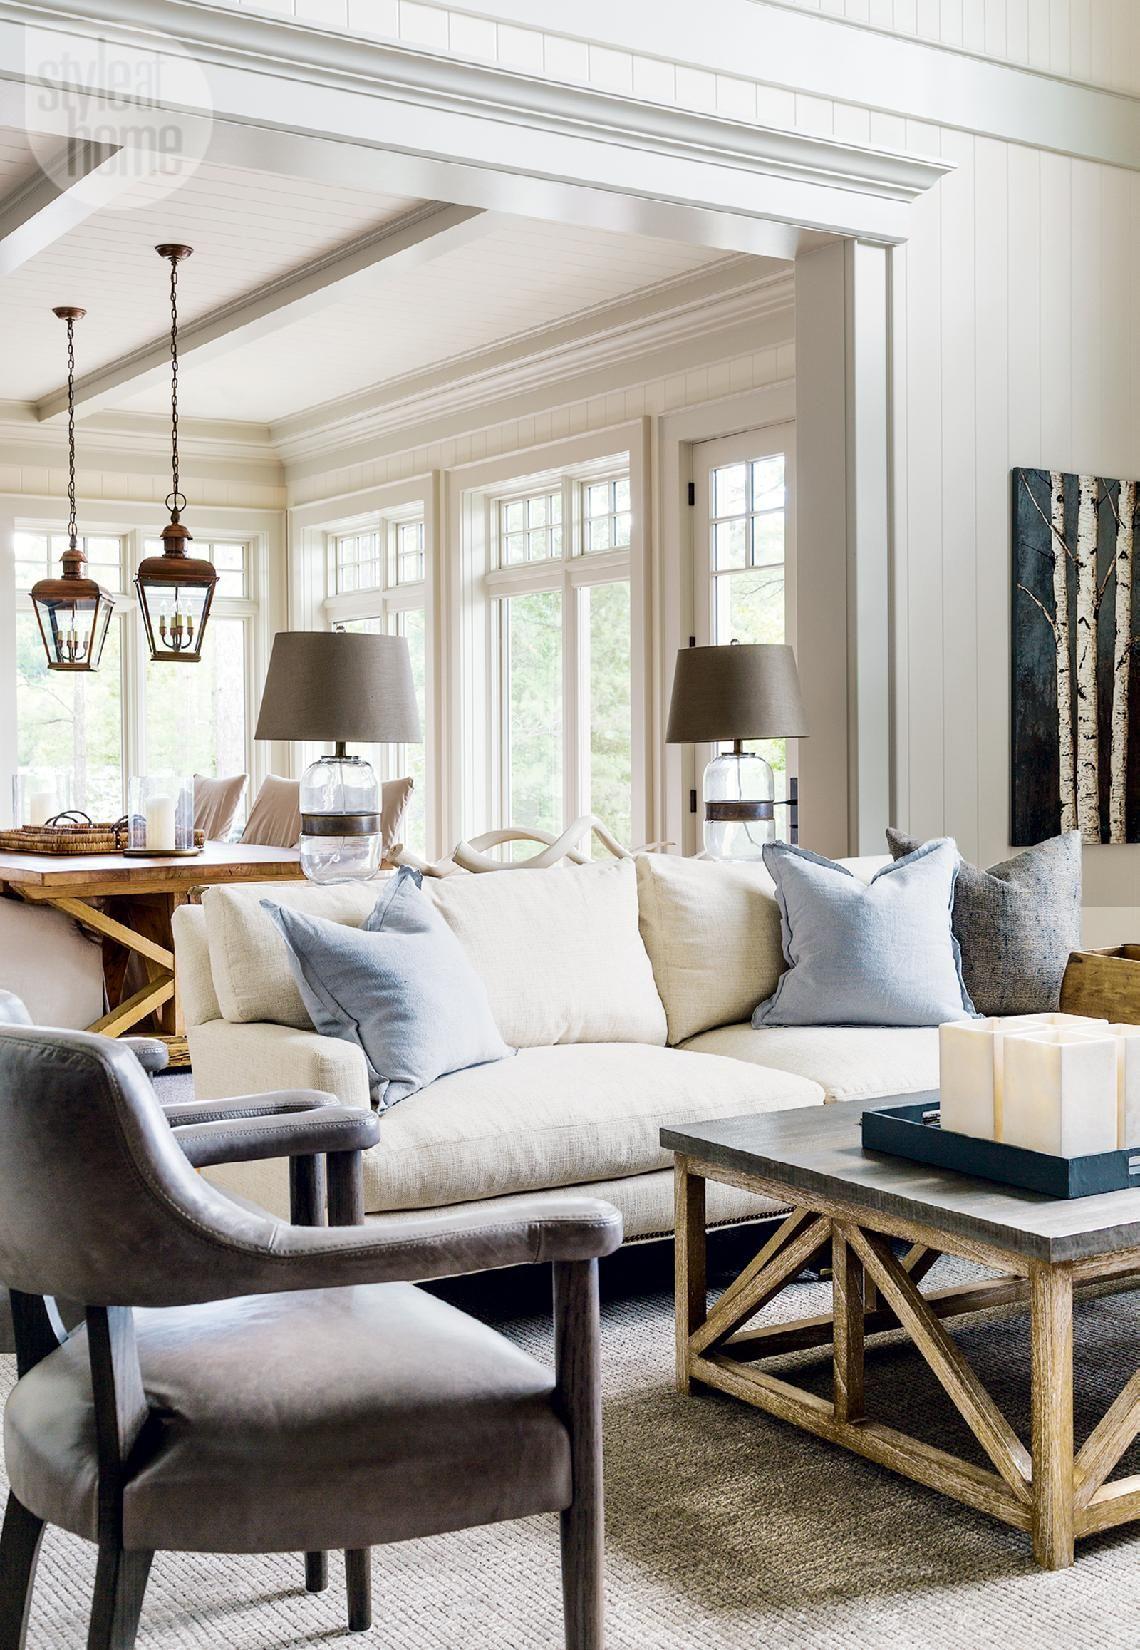 pin von elisabeth brugnara auf living pinterest englische stil wohn esszimmer und einrichtung. Black Bedroom Furniture Sets. Home Design Ideas